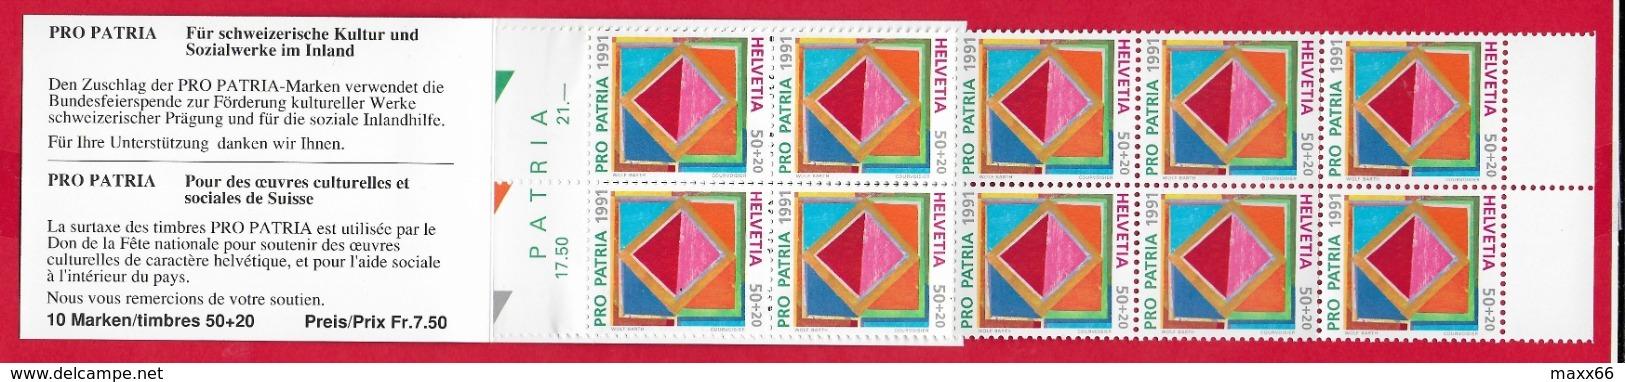 LIBRETTO SVIZZERA MNH - PRO PATRIA 1991 - 10 X 50 + 20 Cent. - Pro Patria